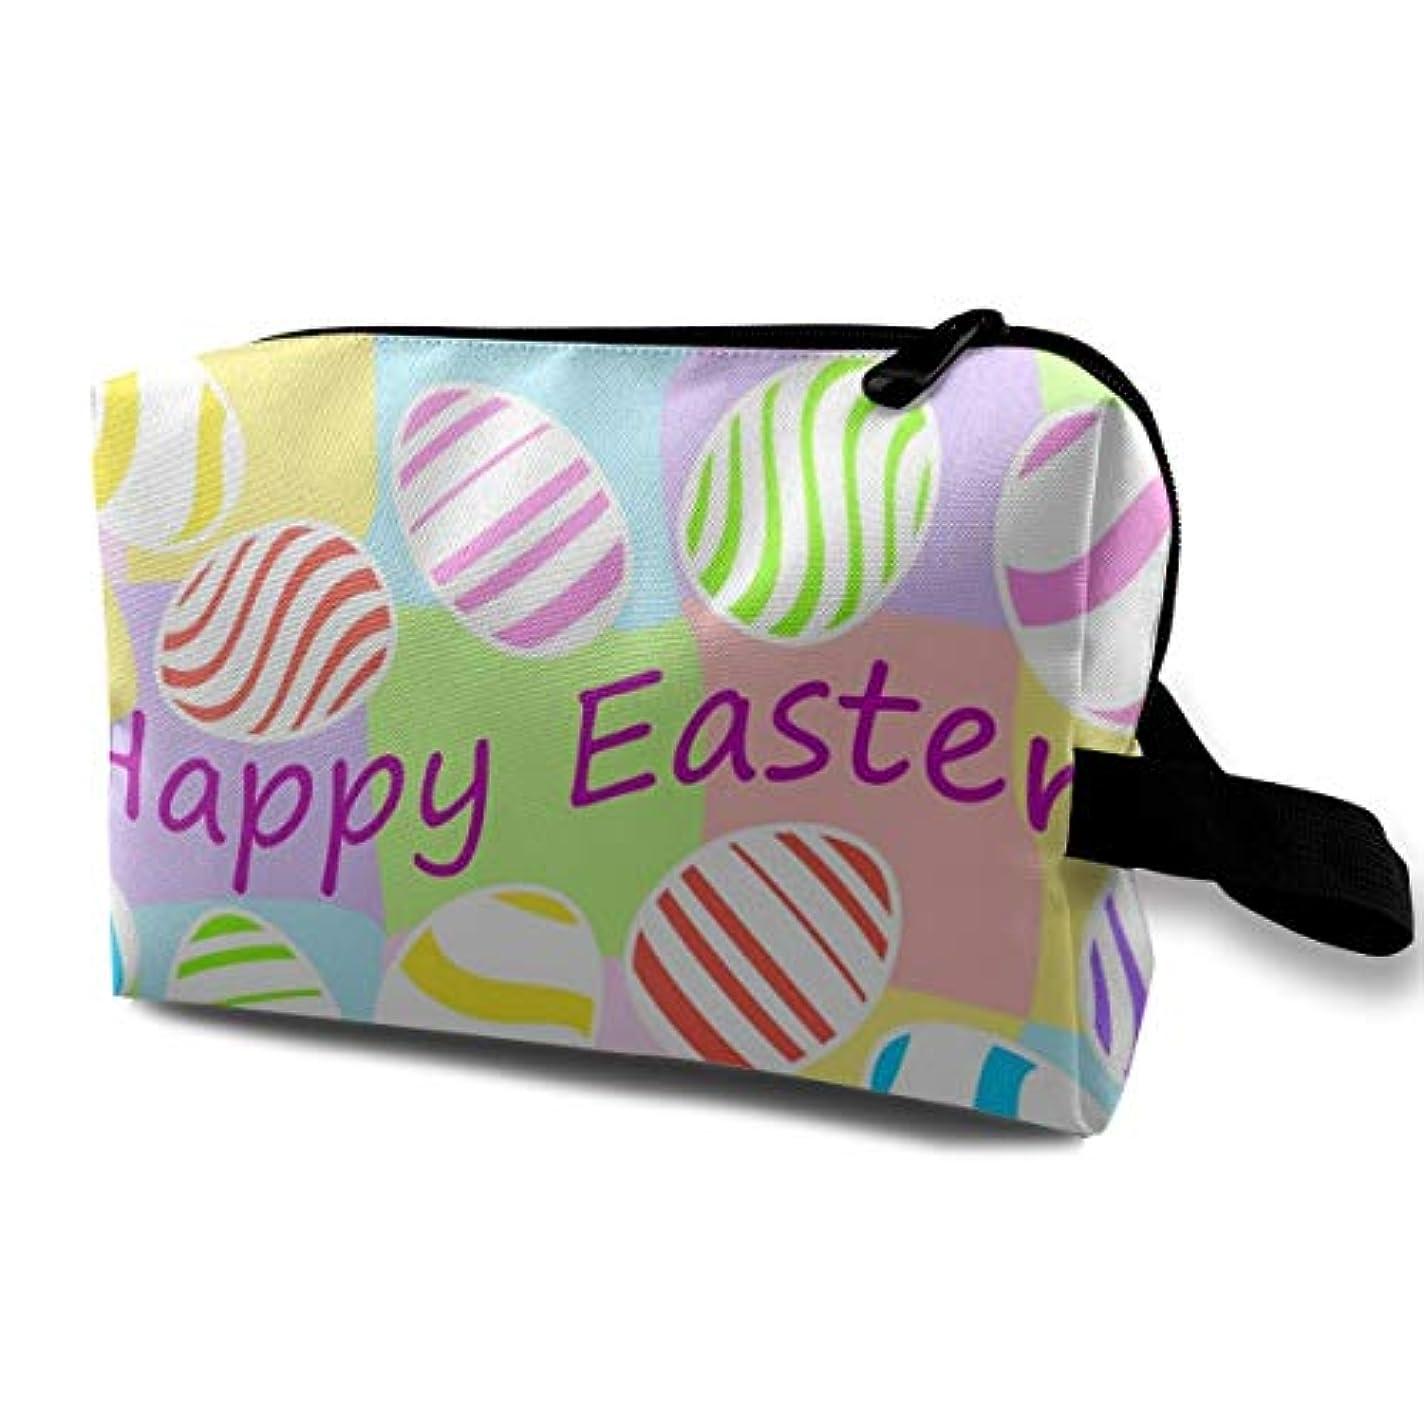 天井顕著感謝しているHappy Easter Eggs With Colorful Stripe 収納ポーチ 化粧ポーチ 大容量 軽量 耐久性 ハンドル付持ち運び便利。入れ 自宅?出張?旅行?アウトドア撮影などに対応。メンズ レディース トラベルグッズ